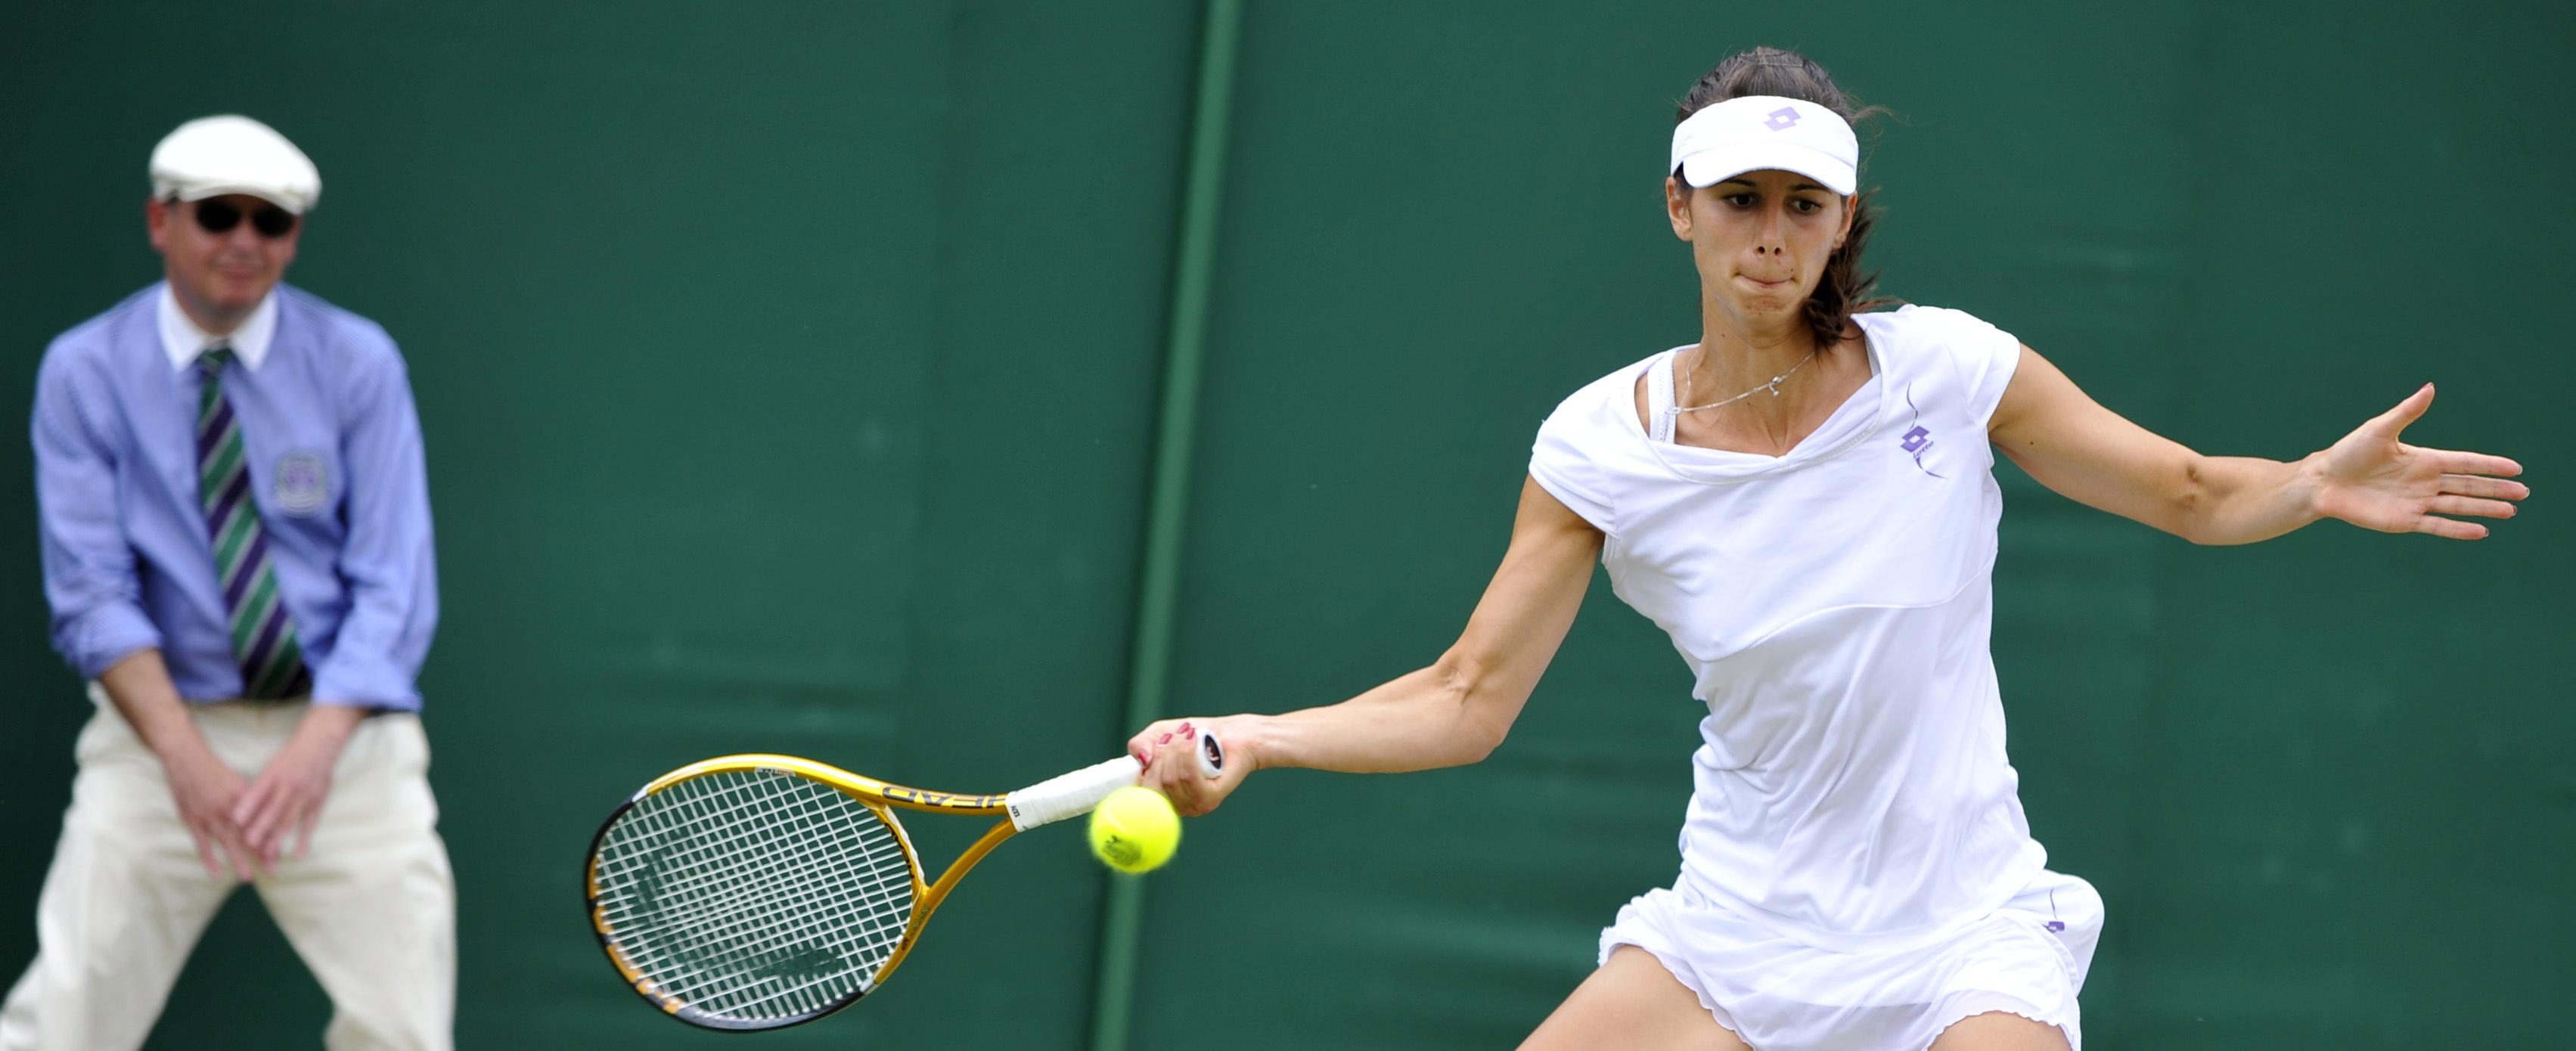 Огромна победа за българския тенис - Цветана Пиронкова на четвъртфинал на Уимбълдън